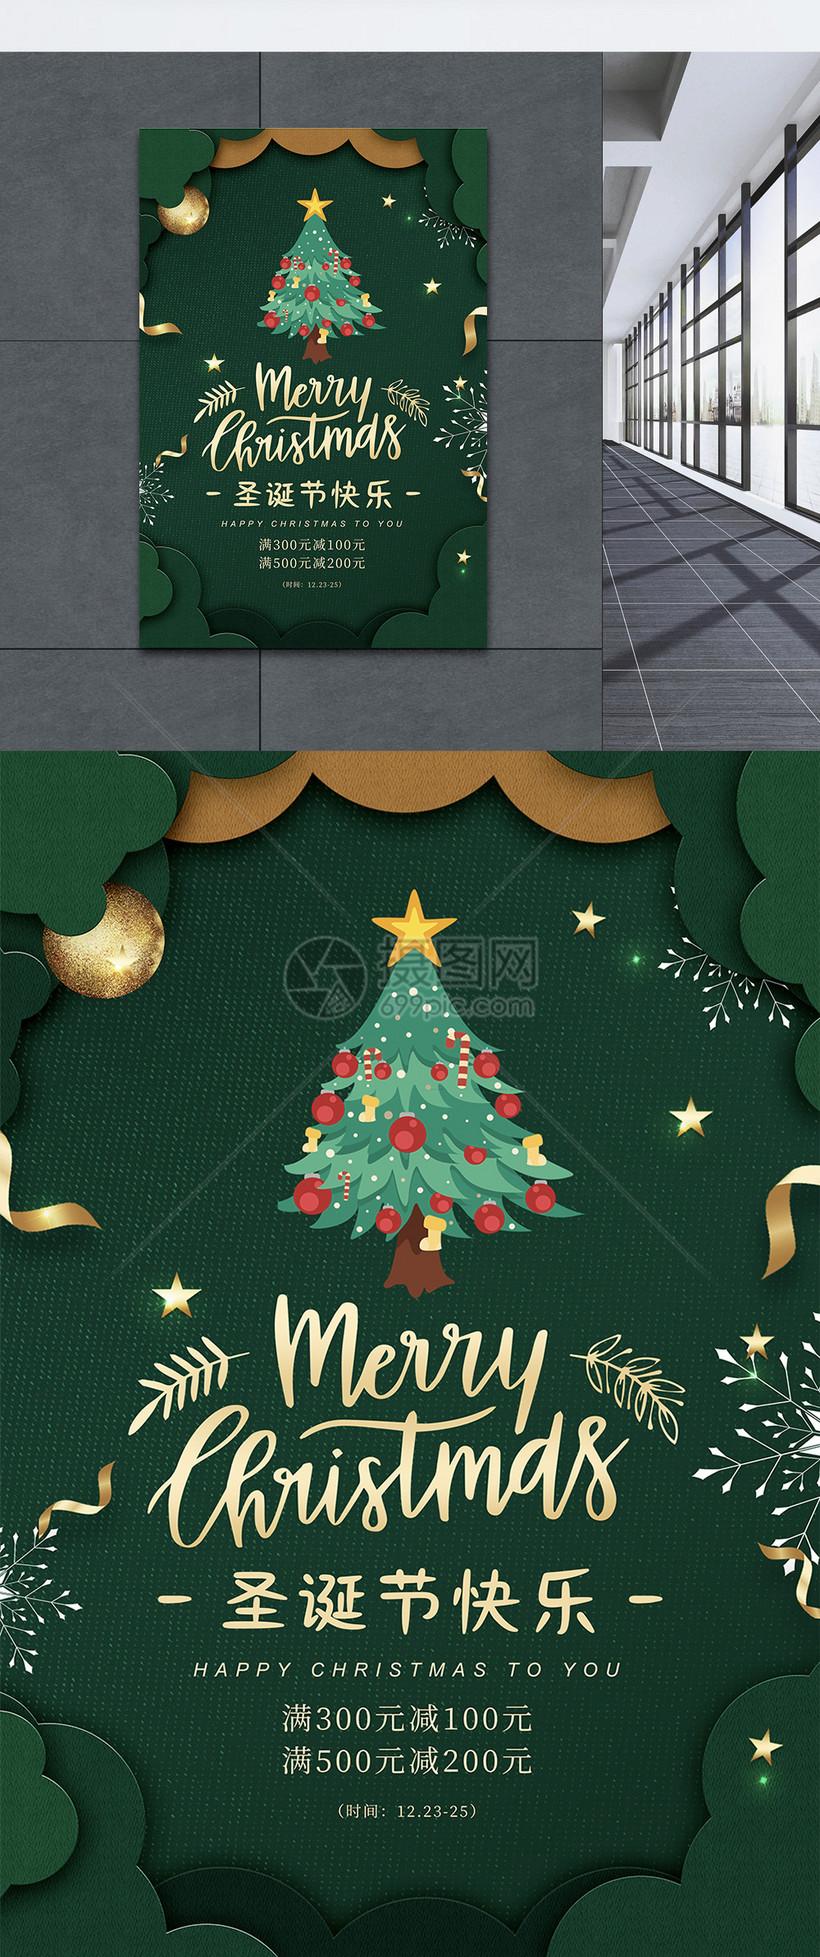 圣诞背景音乐下载_绿色剪纸风圣诞节促销海报模板素材-正版图片401644482-摄图网